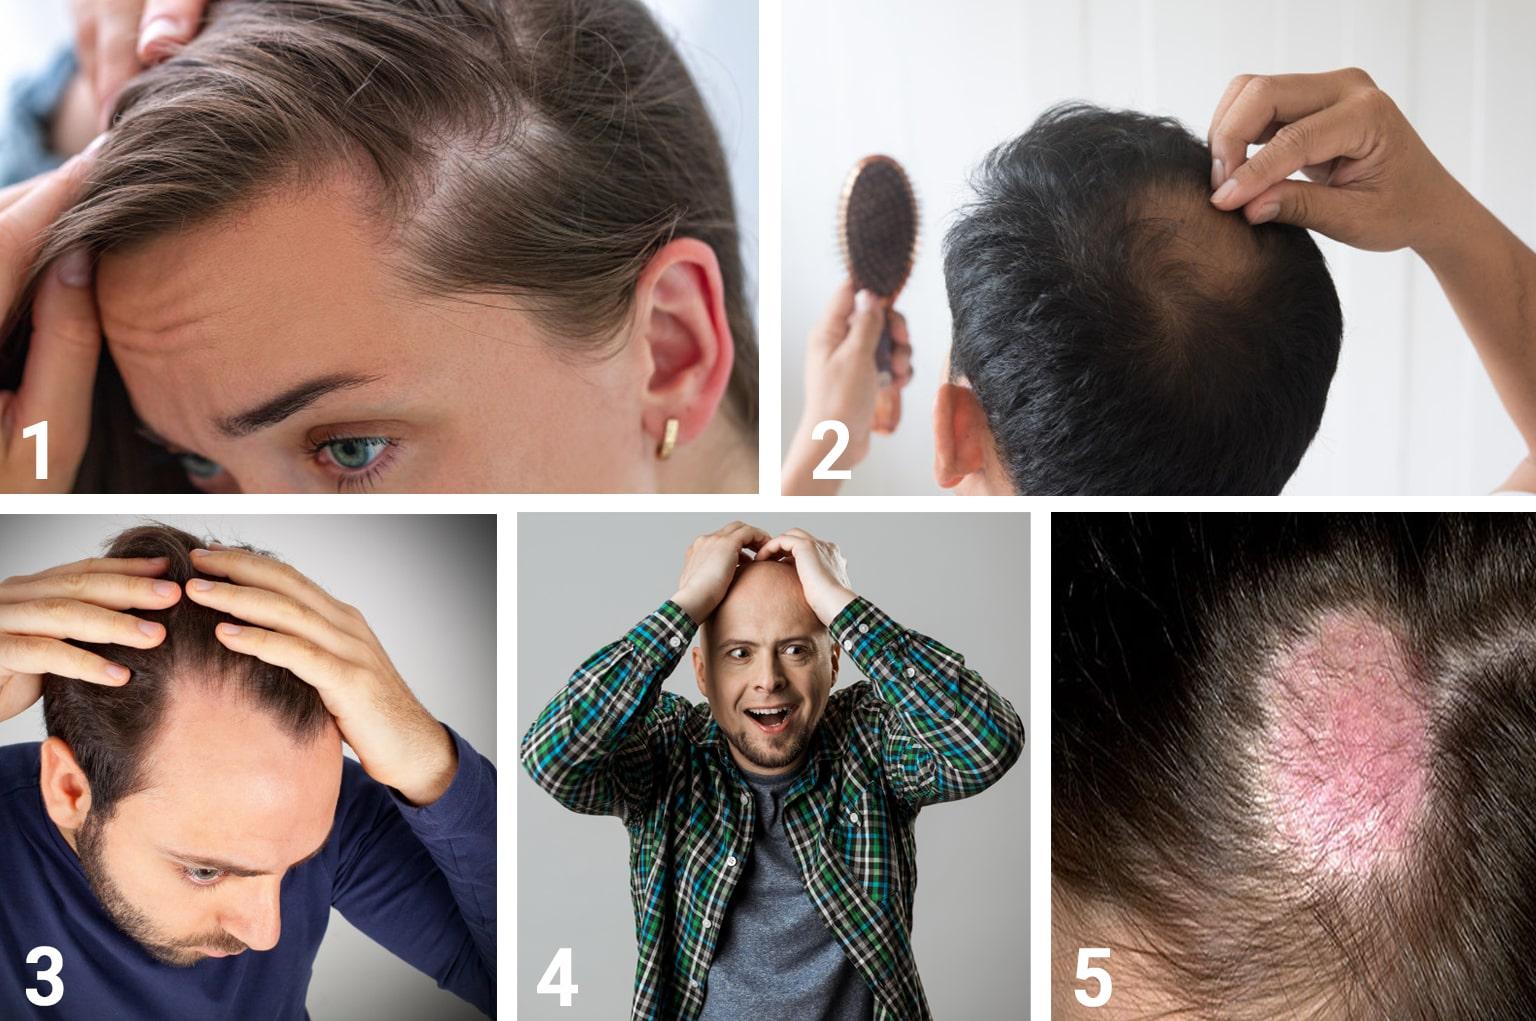 أعراض تساقط الشعر | انجکس